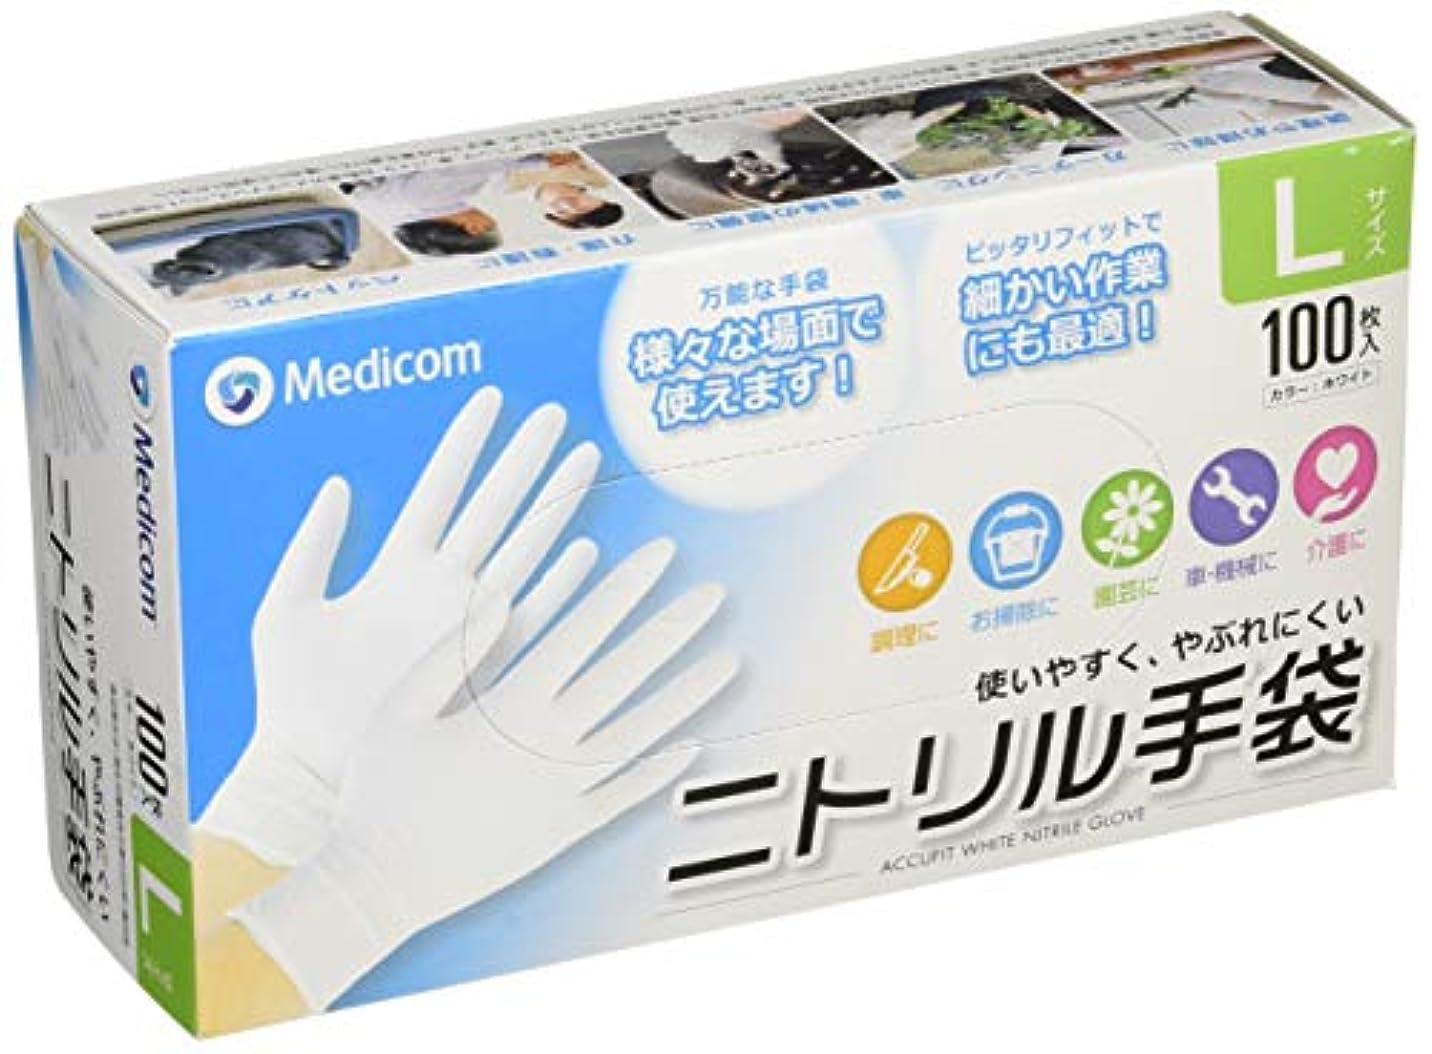 お母さん直立嫌がるアキュフィット ホワイト ニトリル手袋 Lサイズ ACFJN1284D